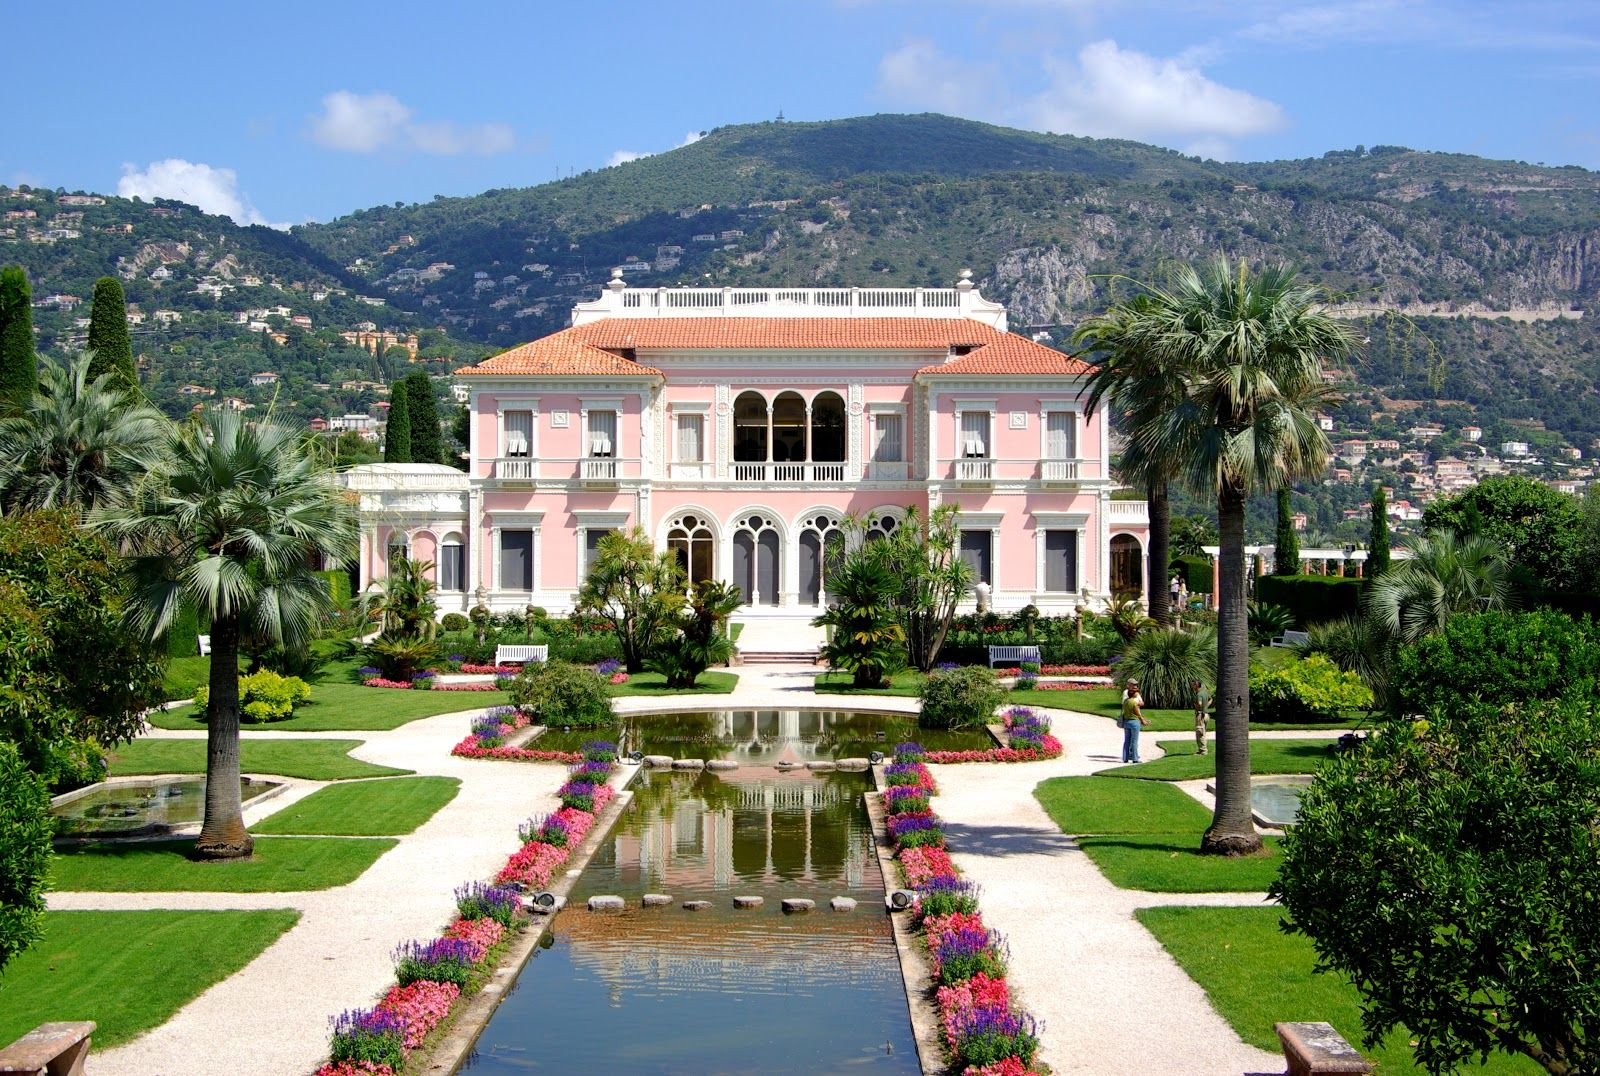 1000 ideas about villa rothschild on pinterest schwarzwaldbad exklusive kche deko and schnapsflasche lampen - Villa Ephrussi De Rothschild Mariage